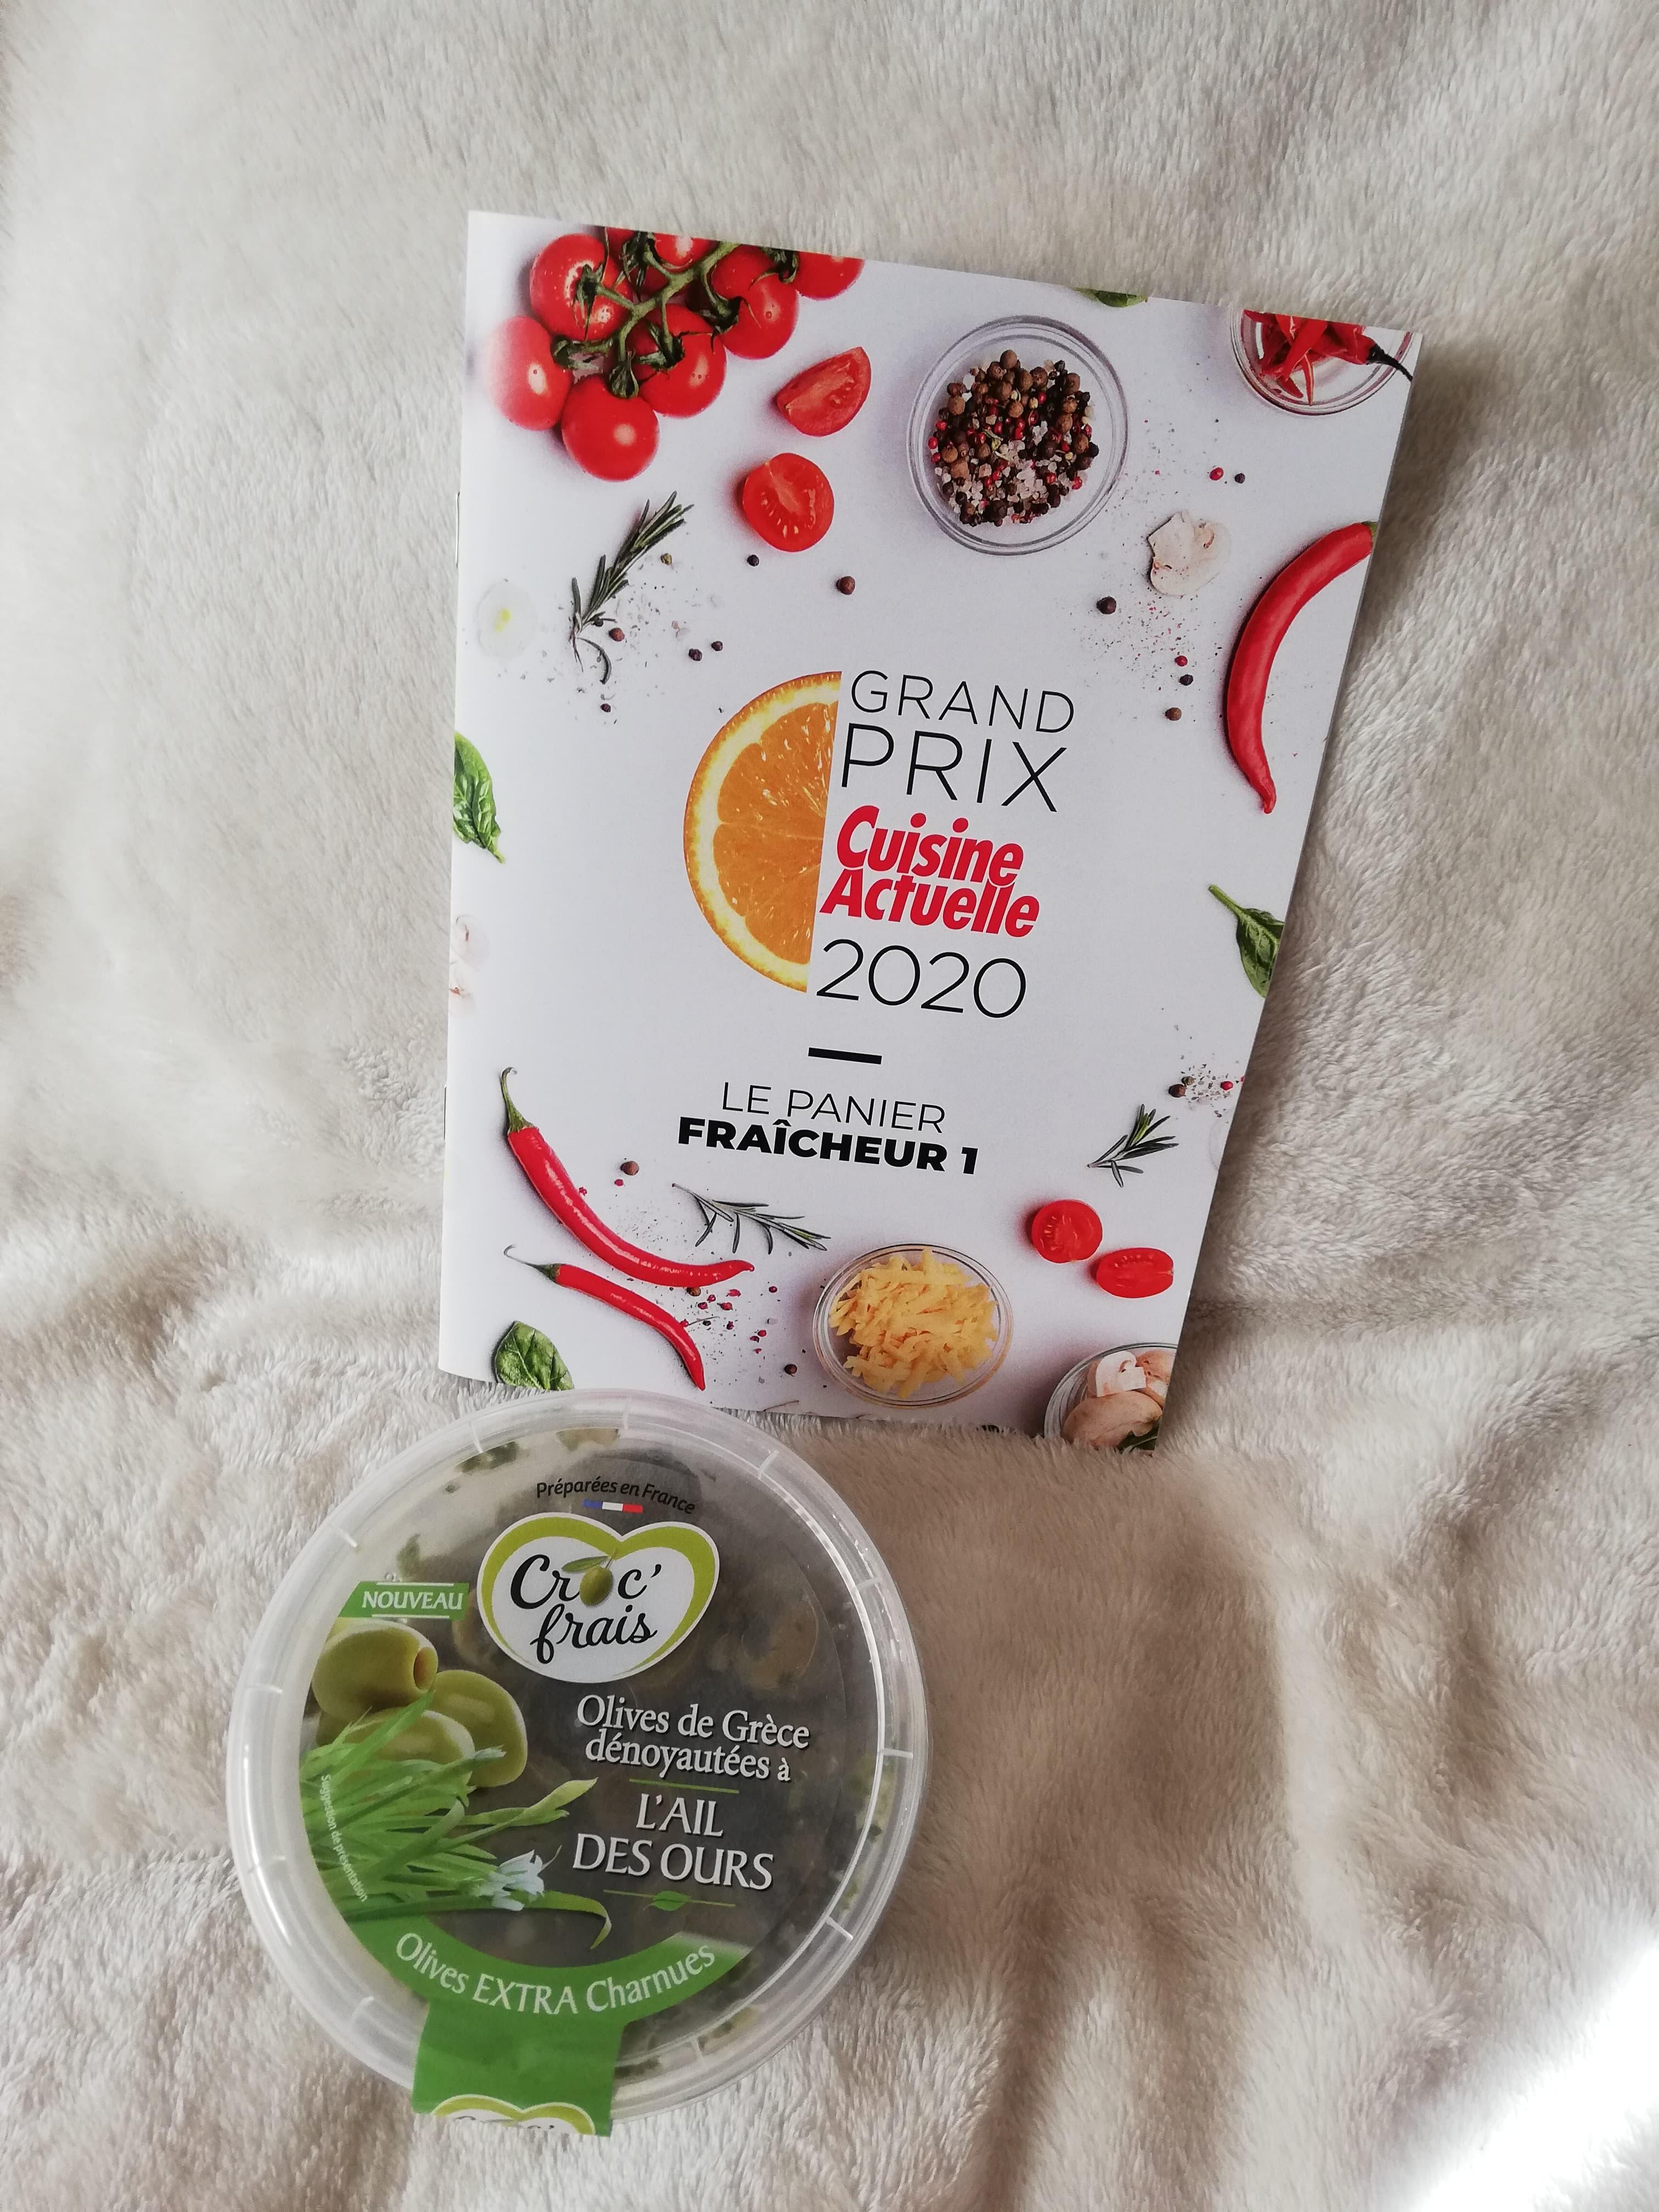 Croc frais Olives à l' ail des ours  (Prix moyen conseillé 2,95 €)